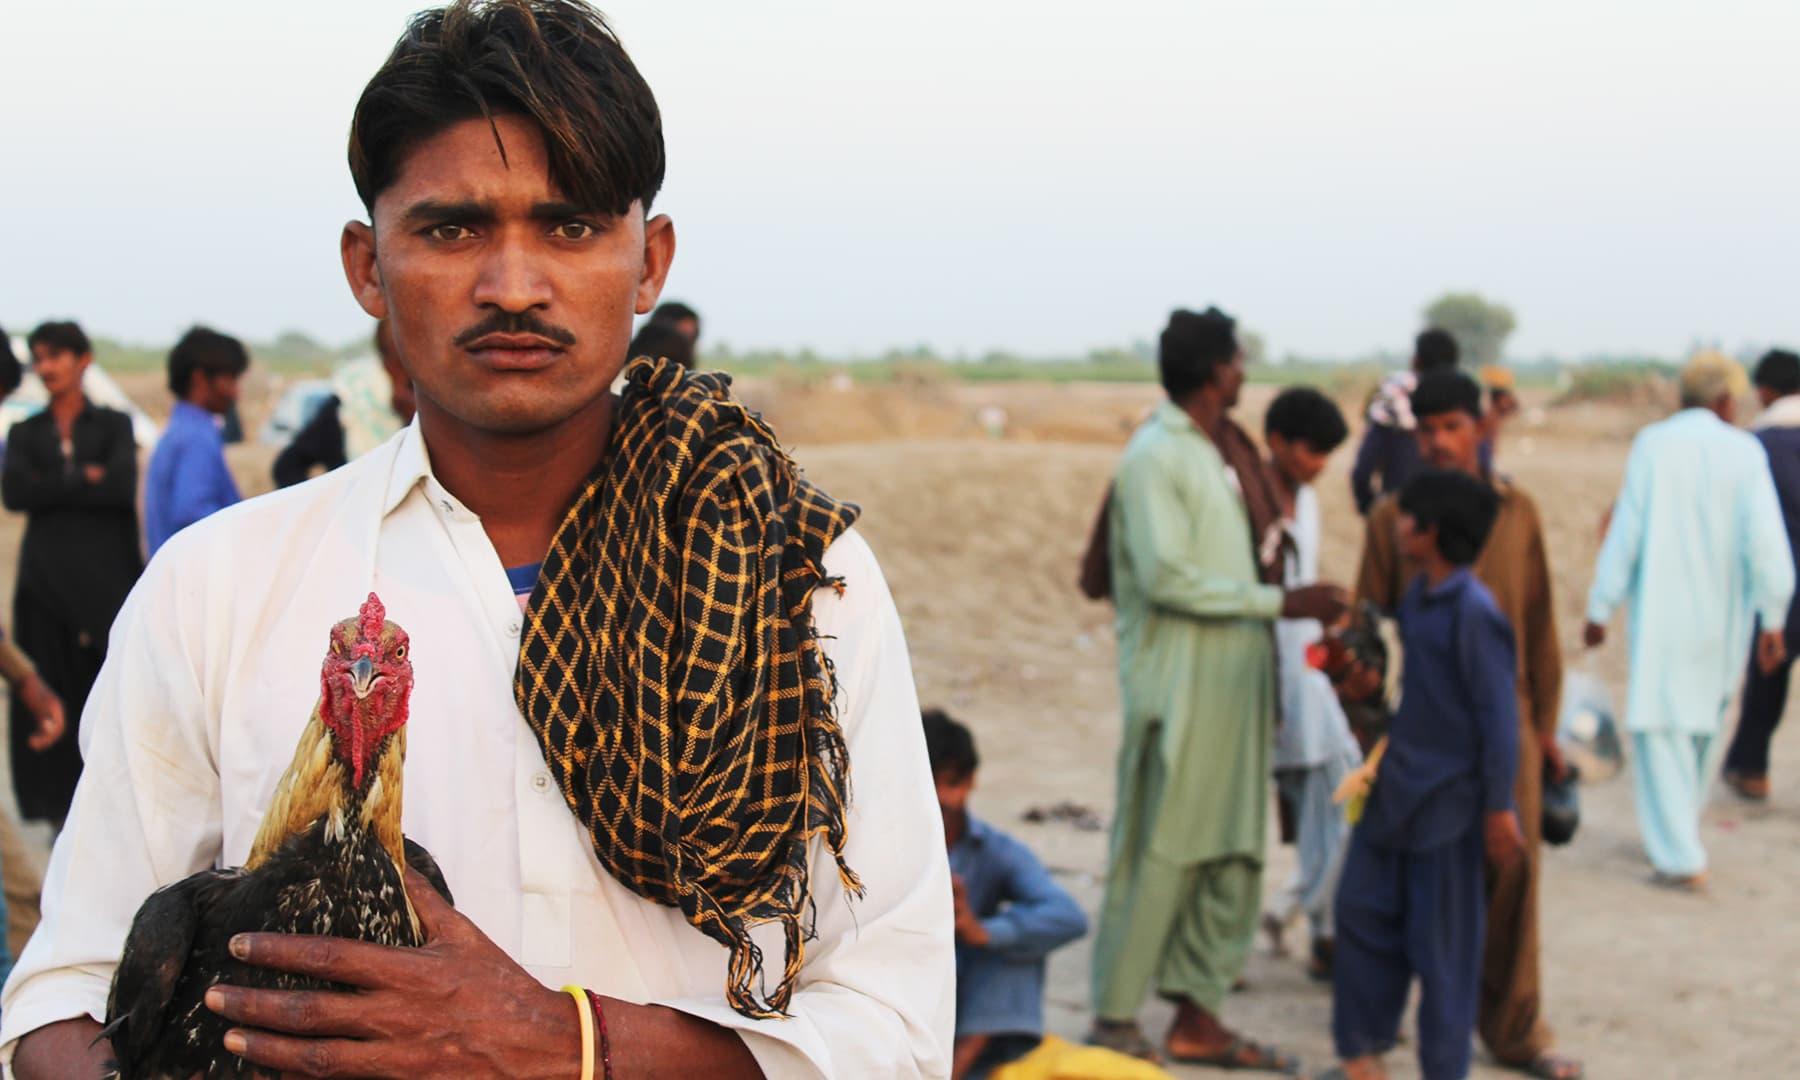 سمن سرکار سے عقیدت رکھنے والے اُن کی درگاہ پر نذرانے کے طور پر مرغ لاتے ہیں—تصویر اختر حفیظ